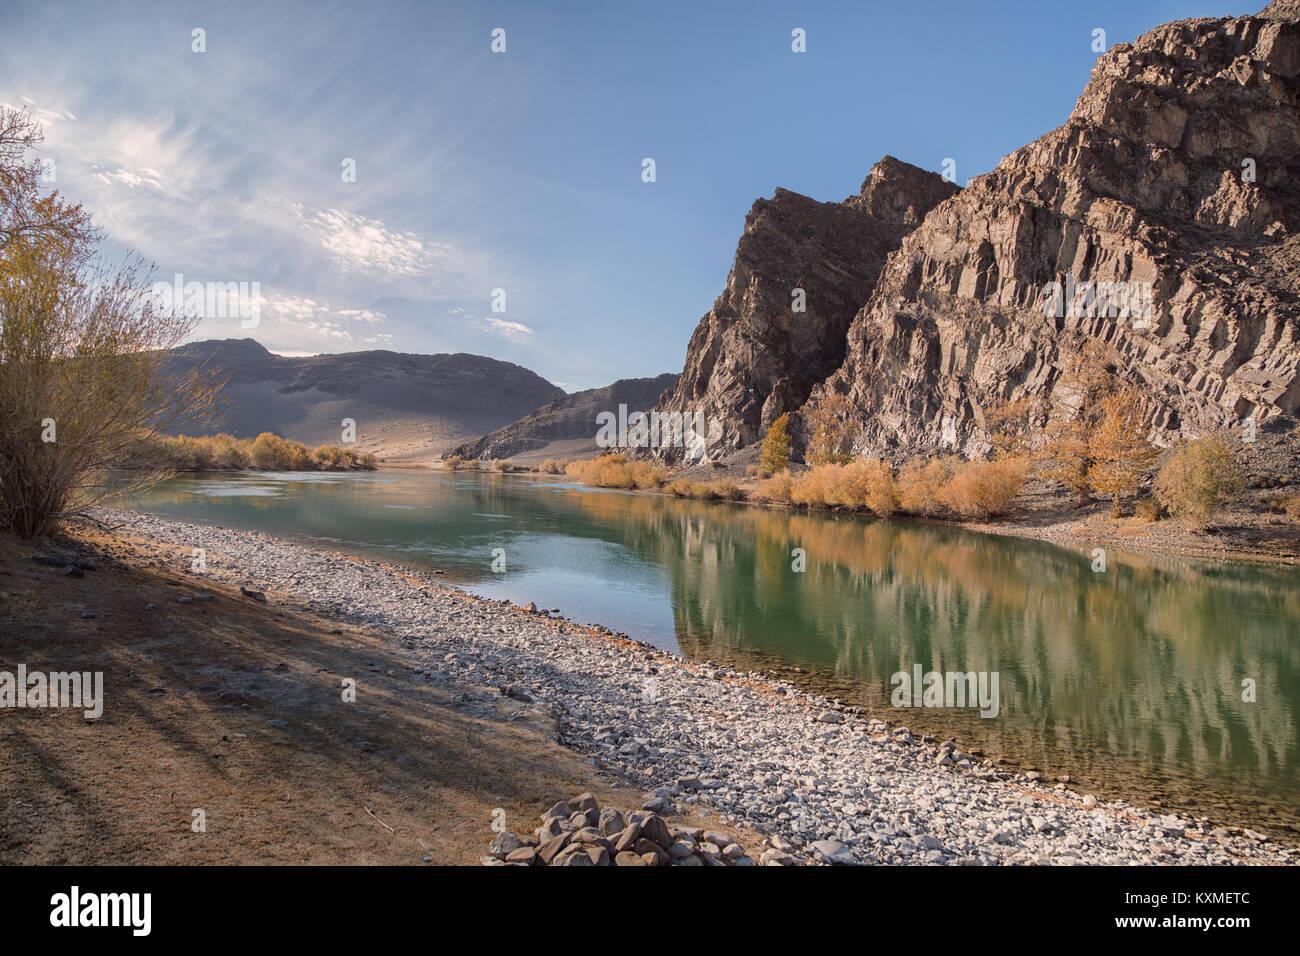 Green River Bank gelbe Blätter fallen goldene Stunde Ruhe stream river Reflexionen Klippen der Mongolei Stockbild